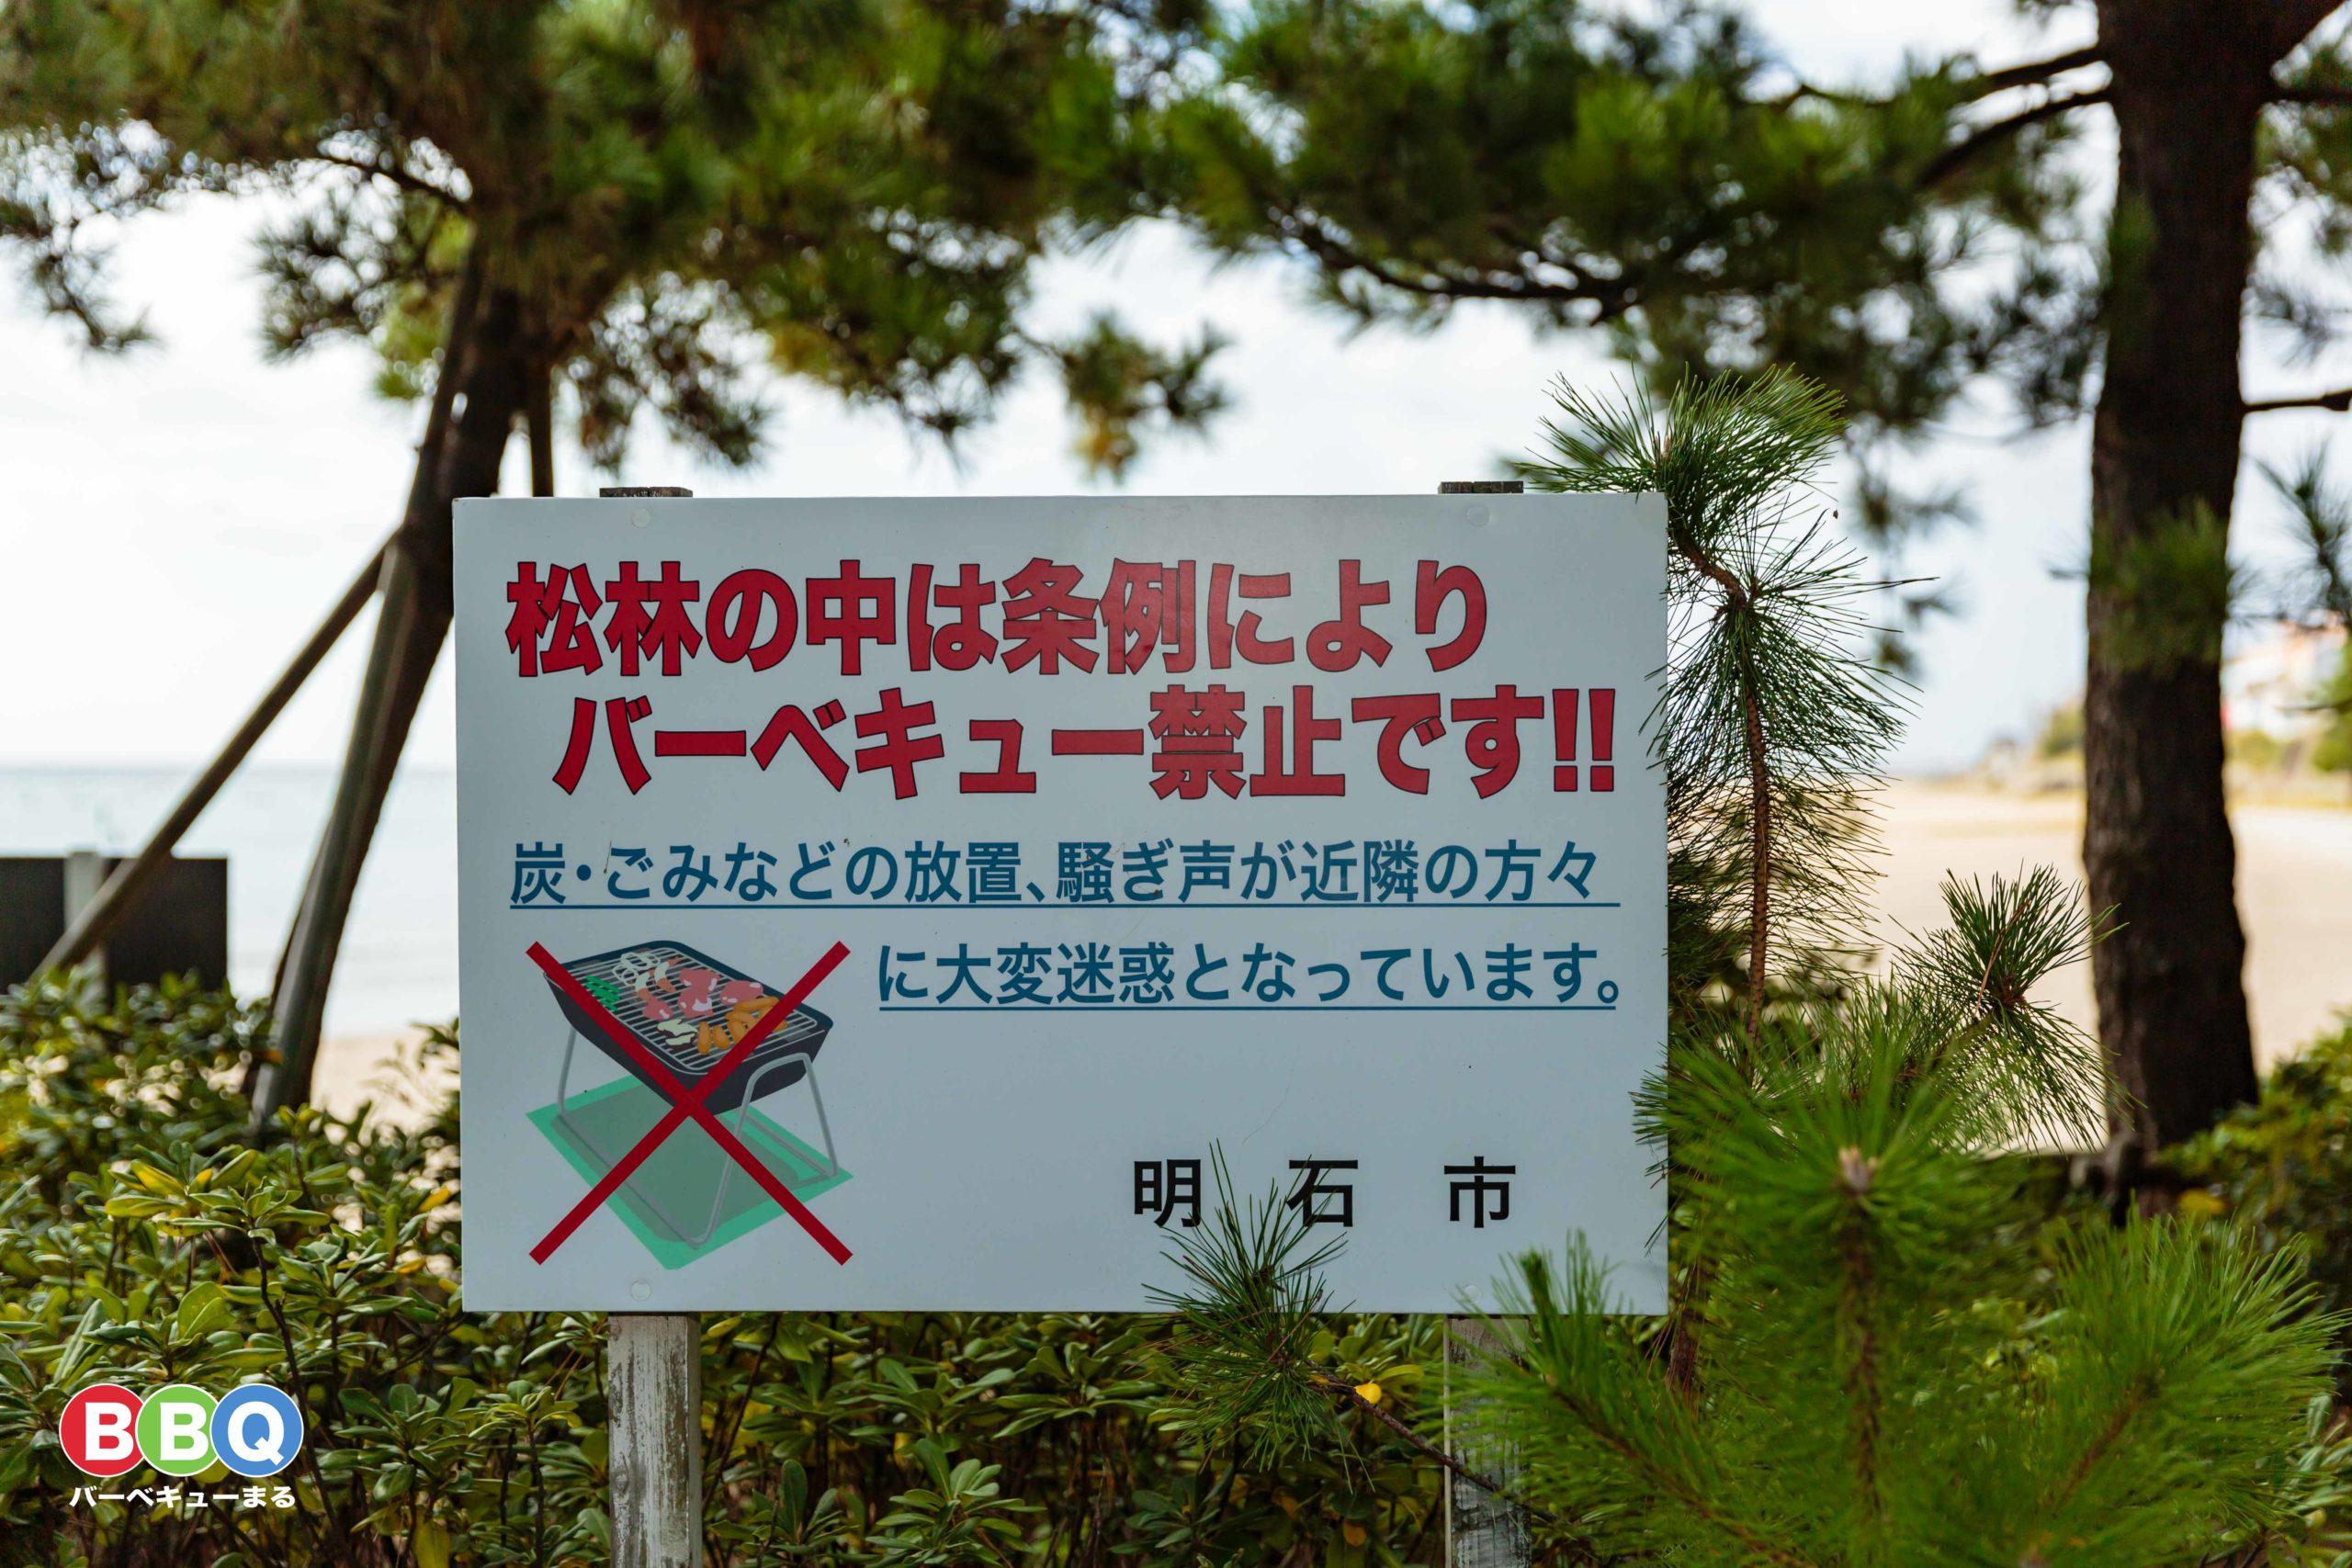 林崎松江海岸のバーベキュー禁止エリアの看板